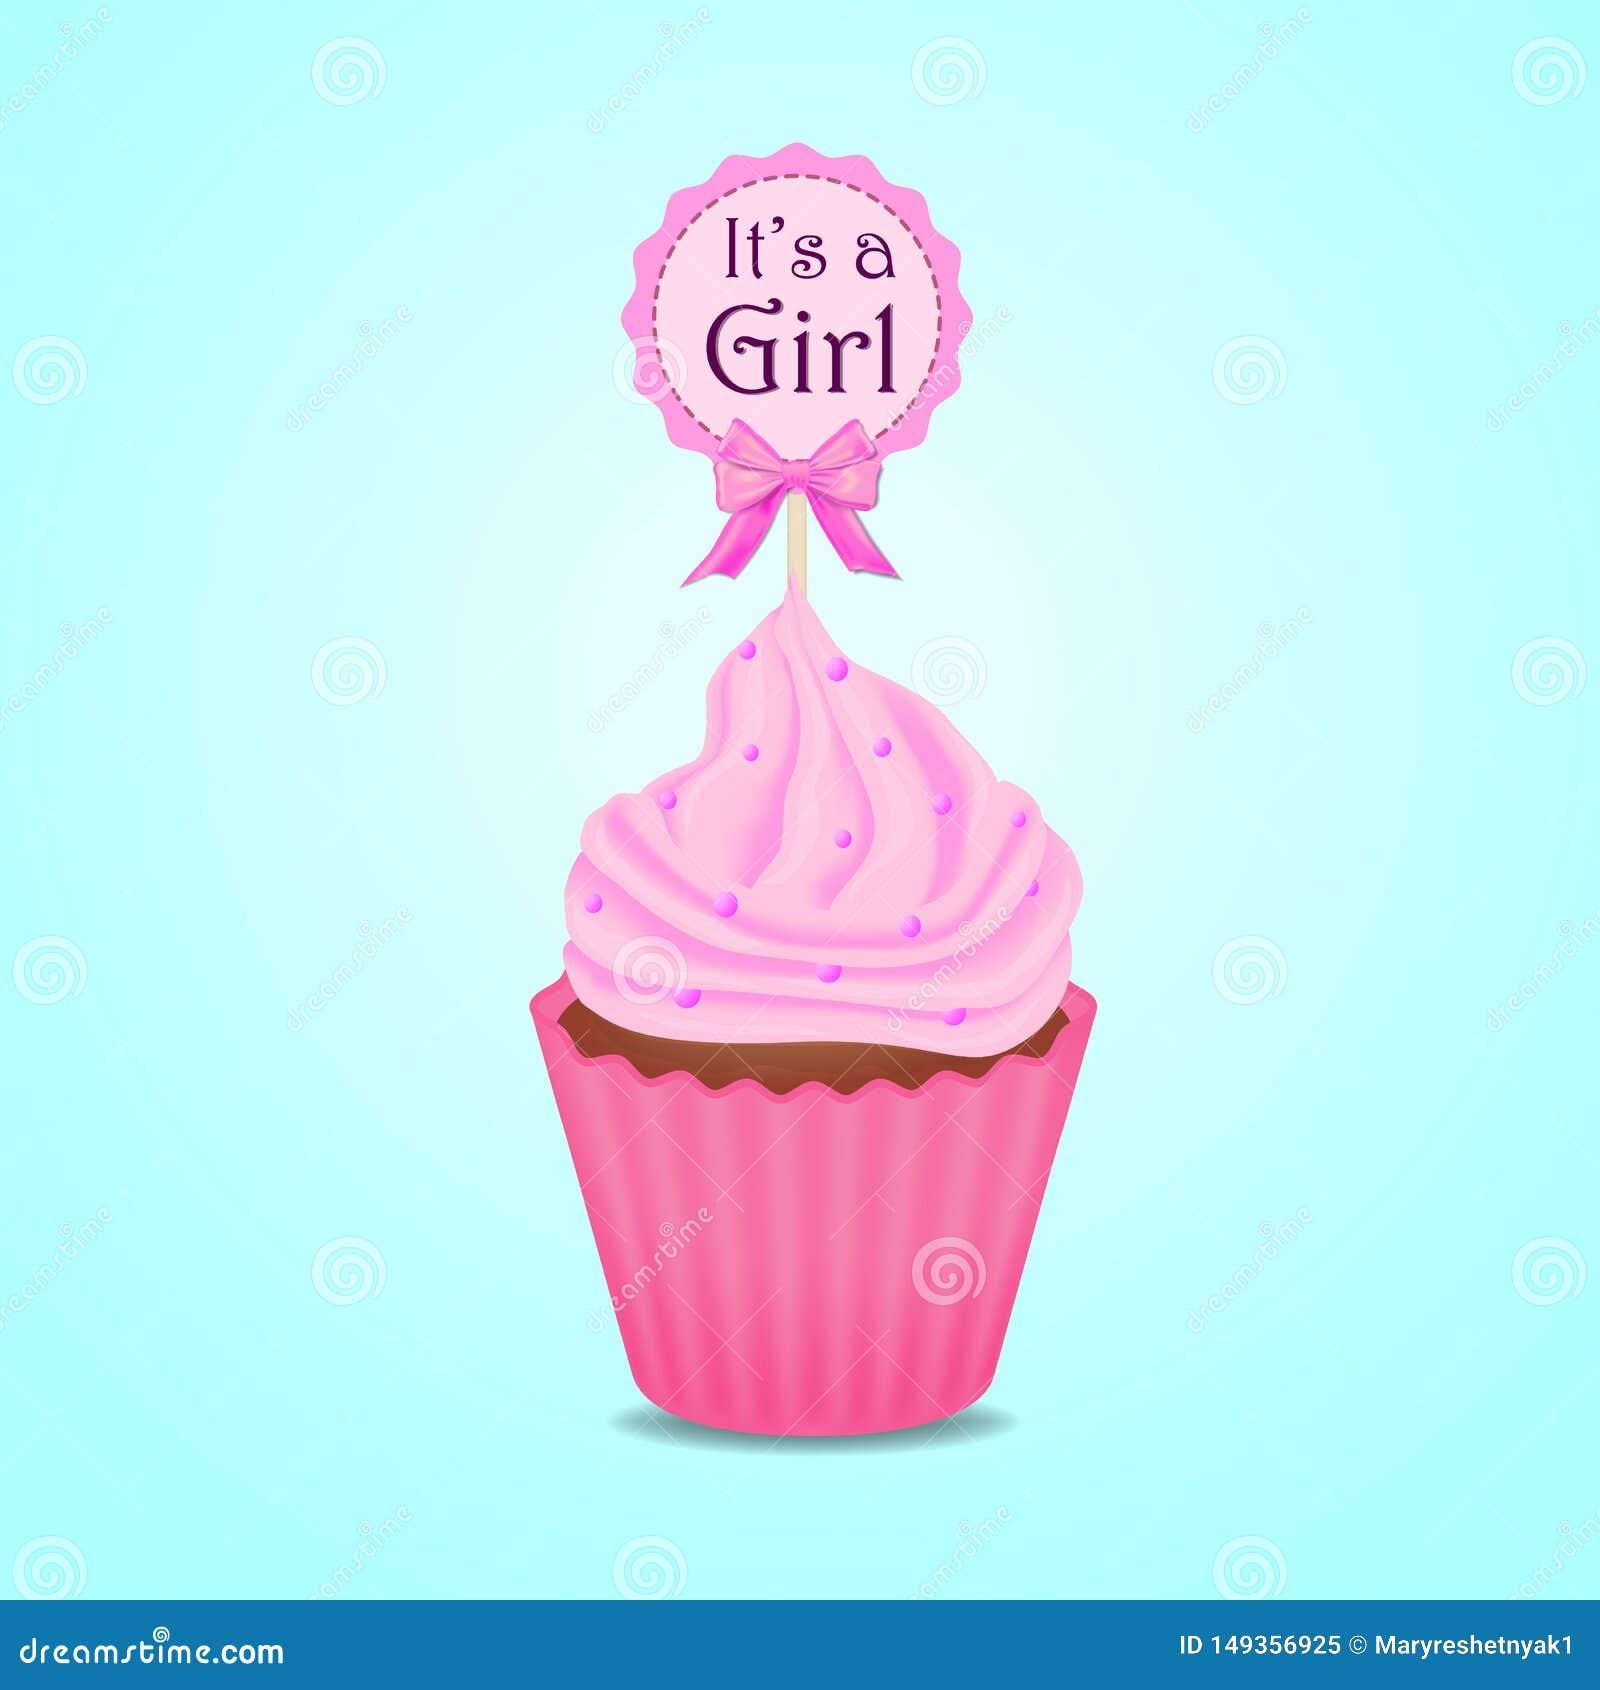 杯形蛋糕,婴儿送礼会邀请,女孩,卡片